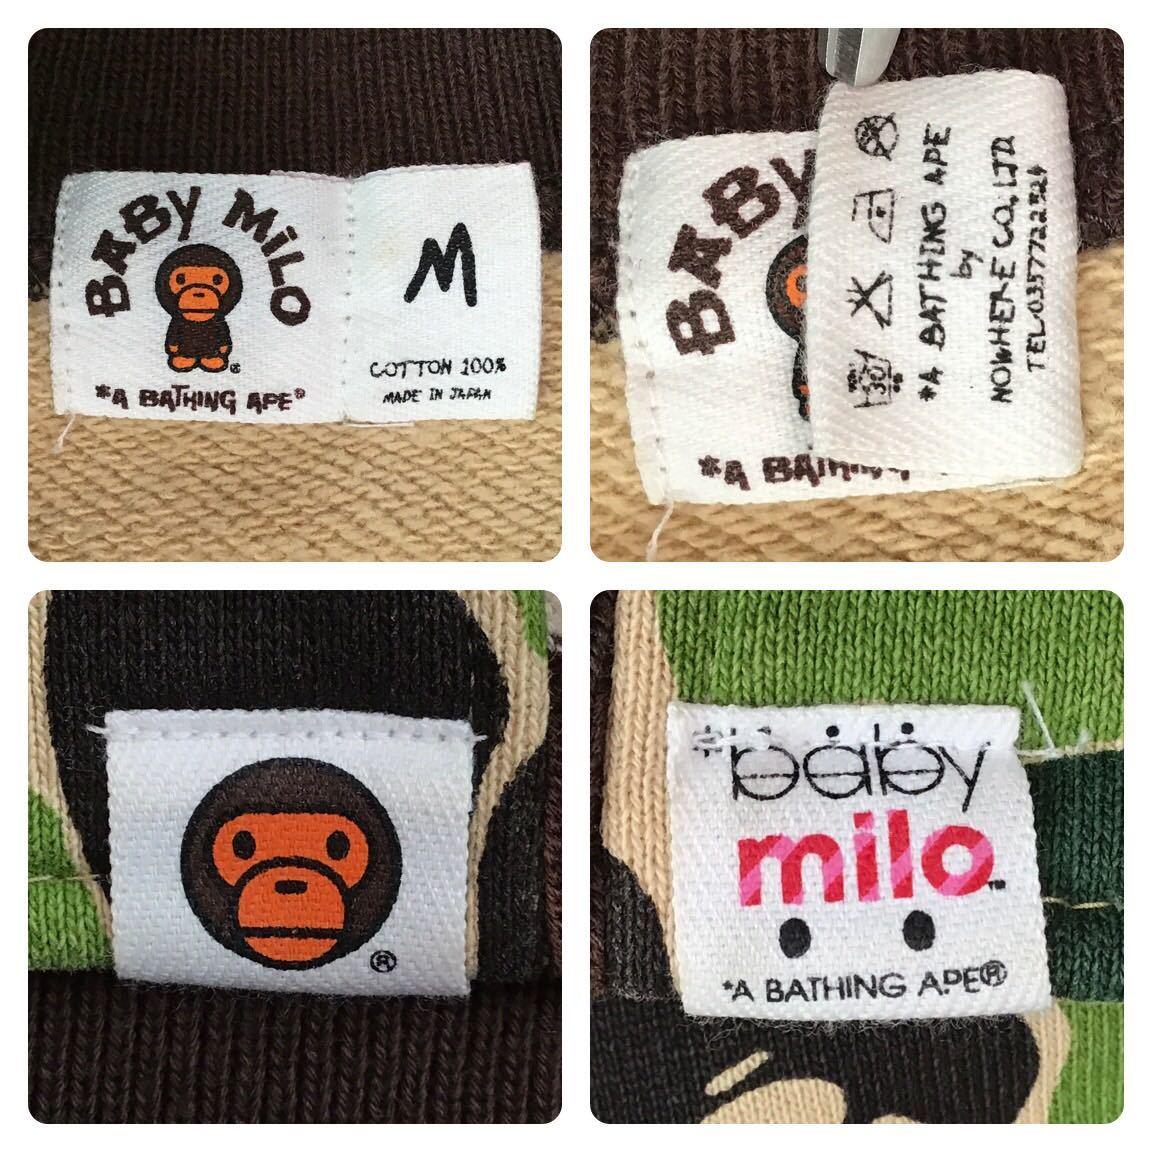 ABC milo camo スウェット スタジャン Mサイズ a bathing ape BAPE sweat varsity jacket エイプ ベイプ マイロ bomber 迷彩 NIGO 9900